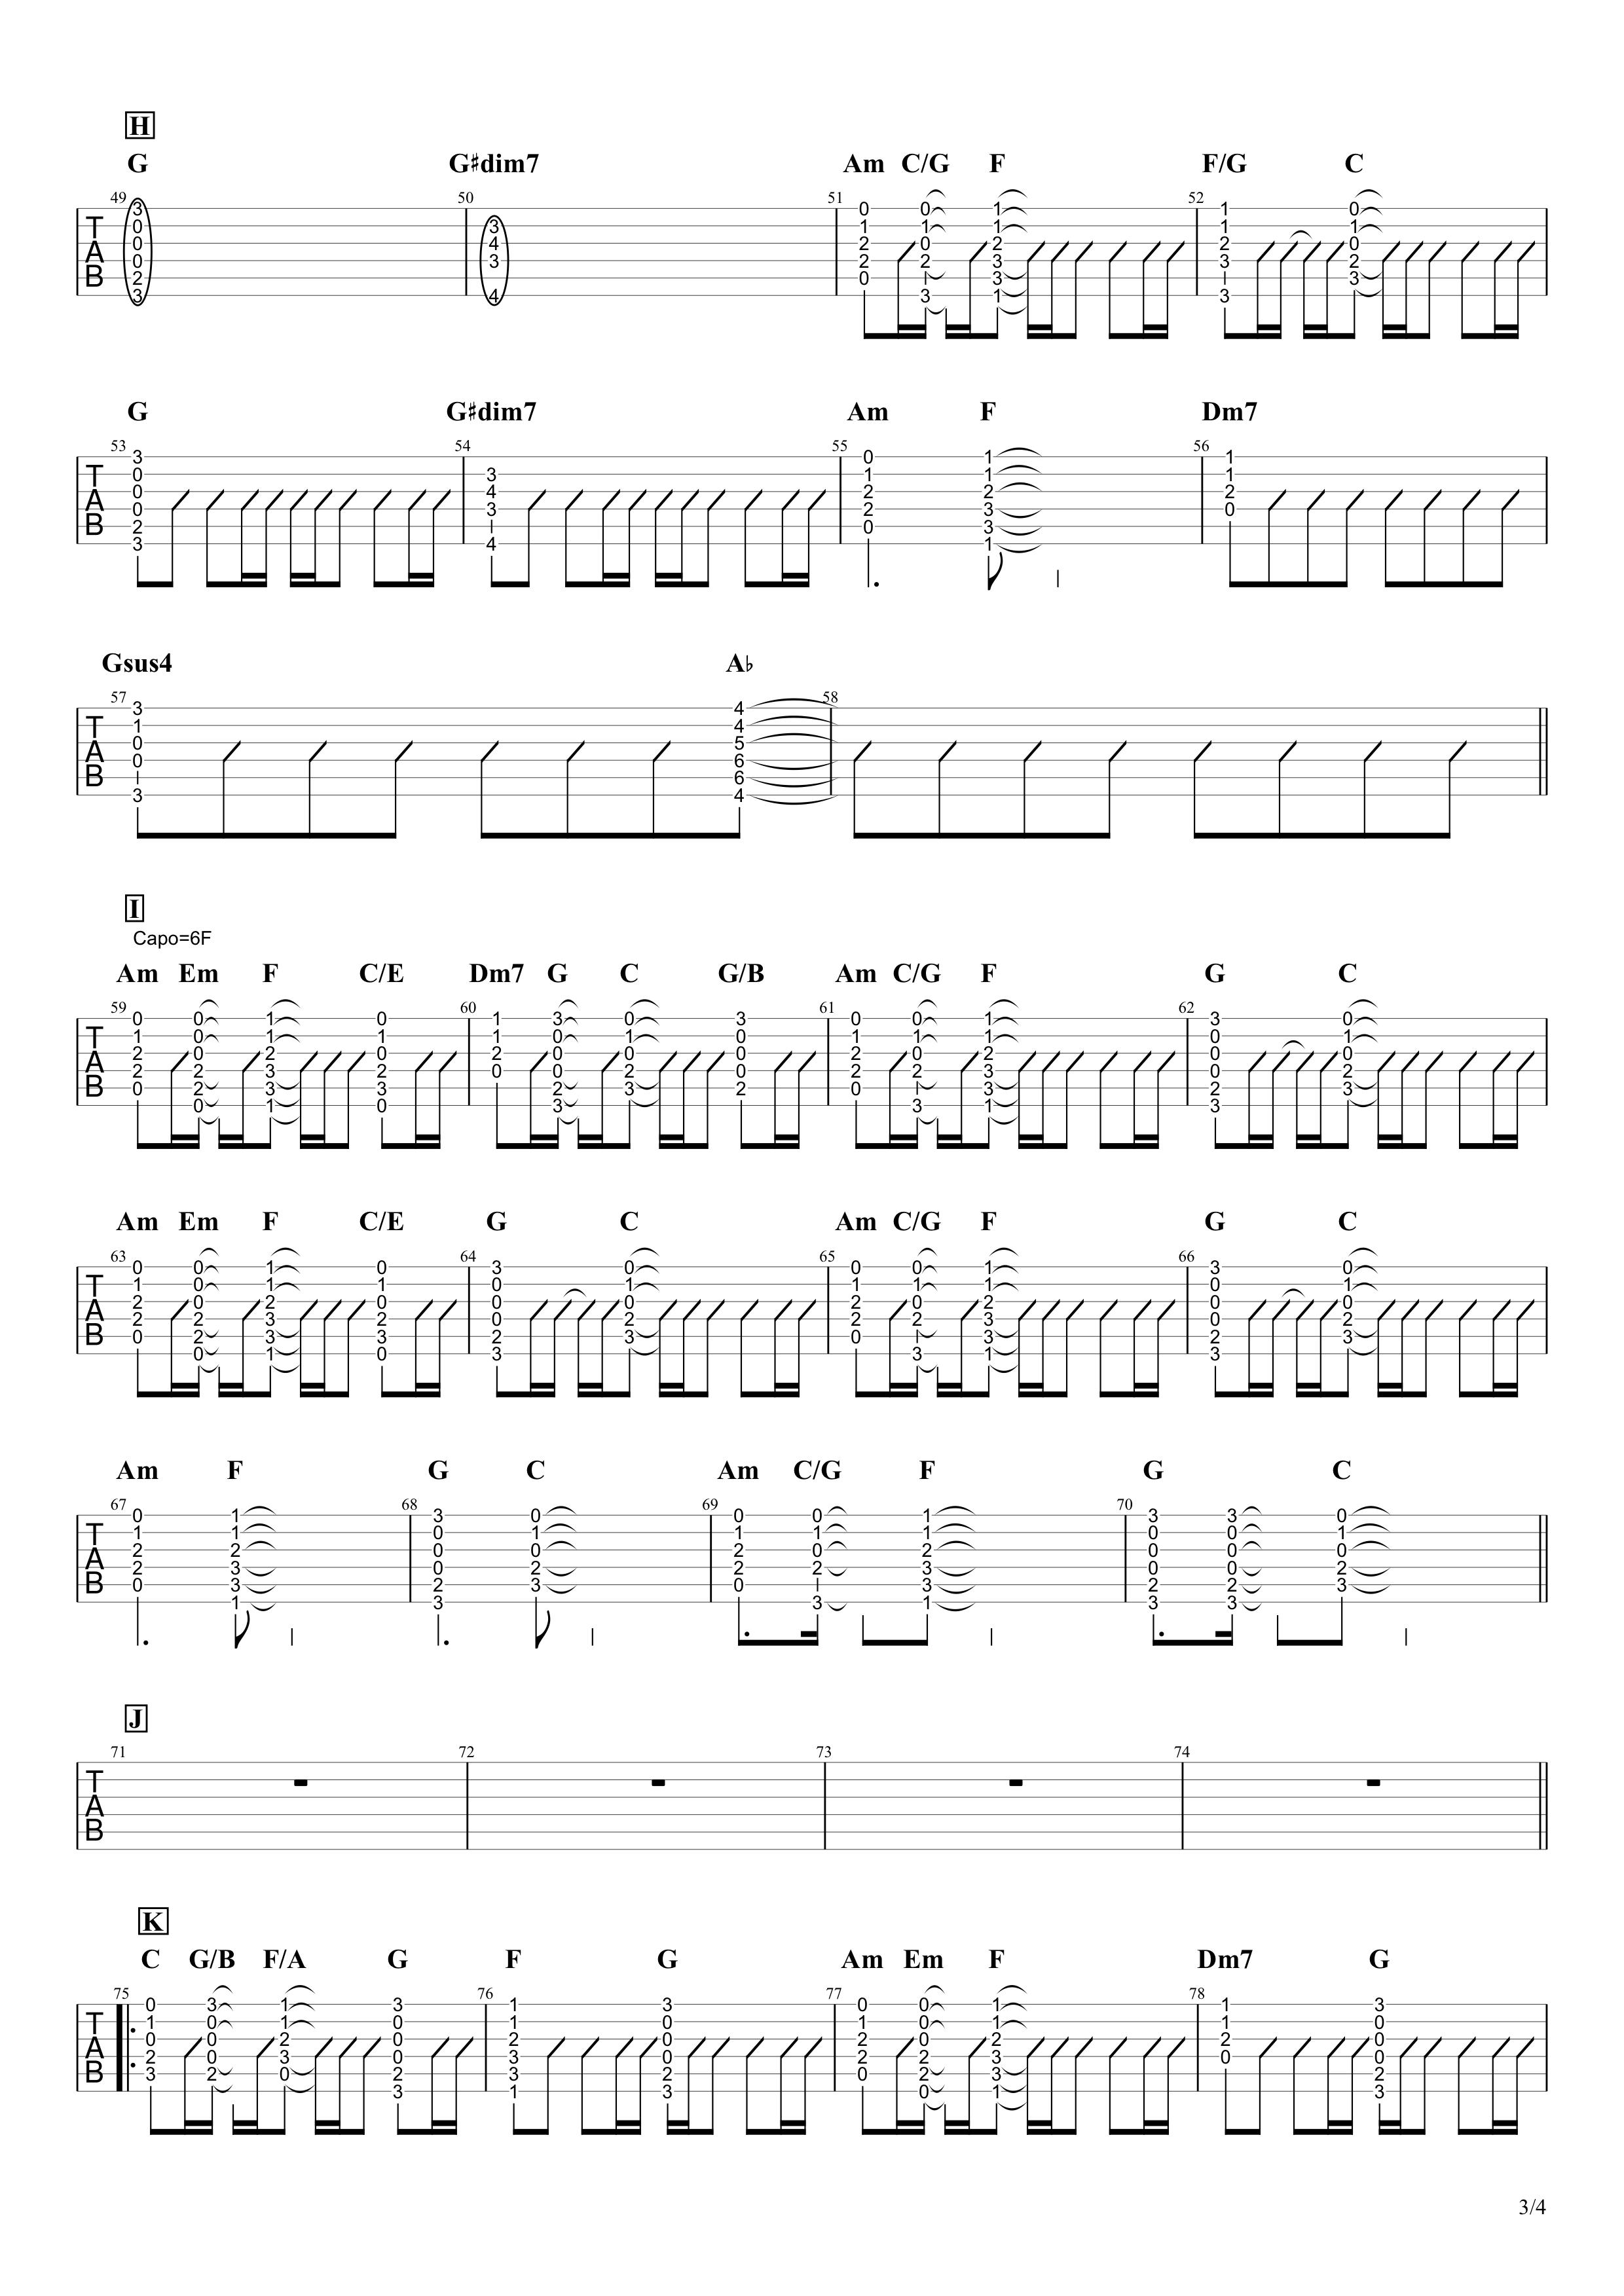 僕が一番欲しかったもの/槇原敬之 ギタータブ譜 コードストロークで弾くVer.03